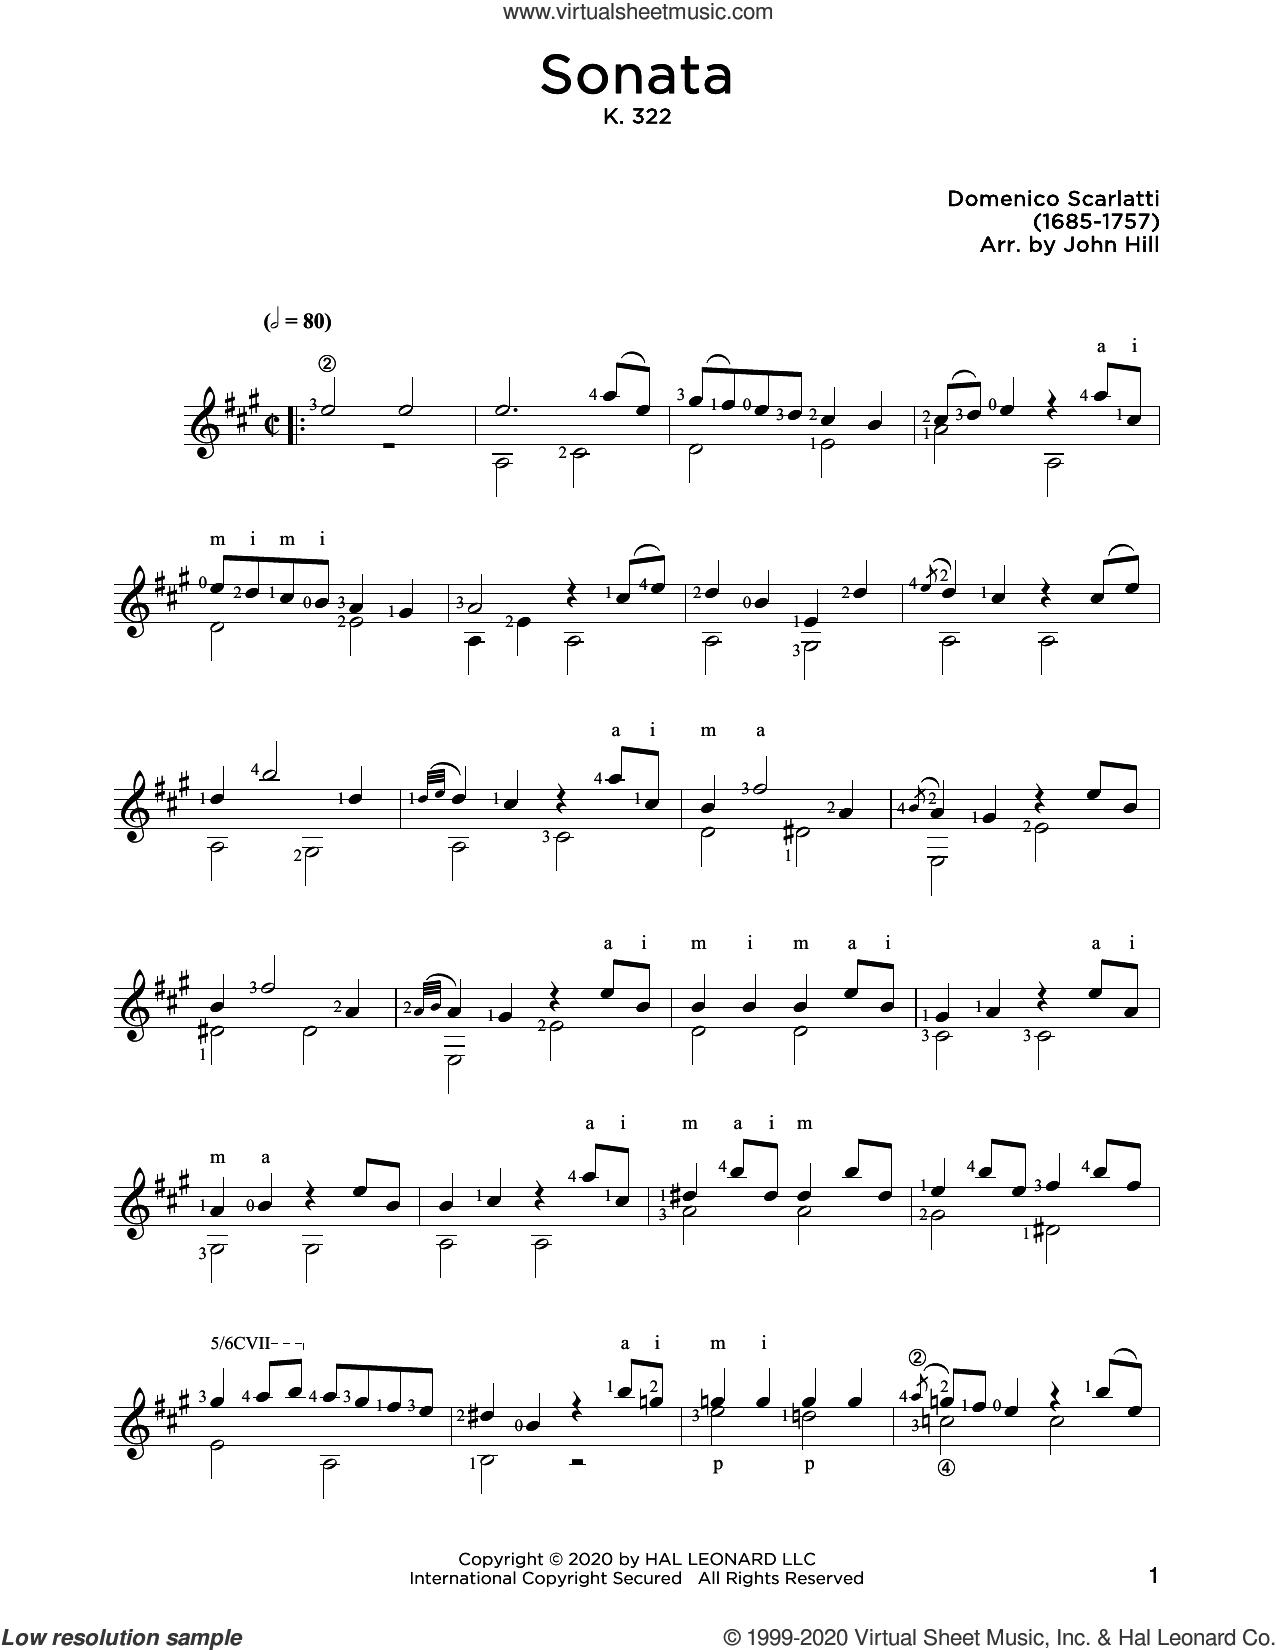 Sonata In A sheet music for guitar solo by Domenico Scarlatti and John Hill, classical score, intermediate skill level